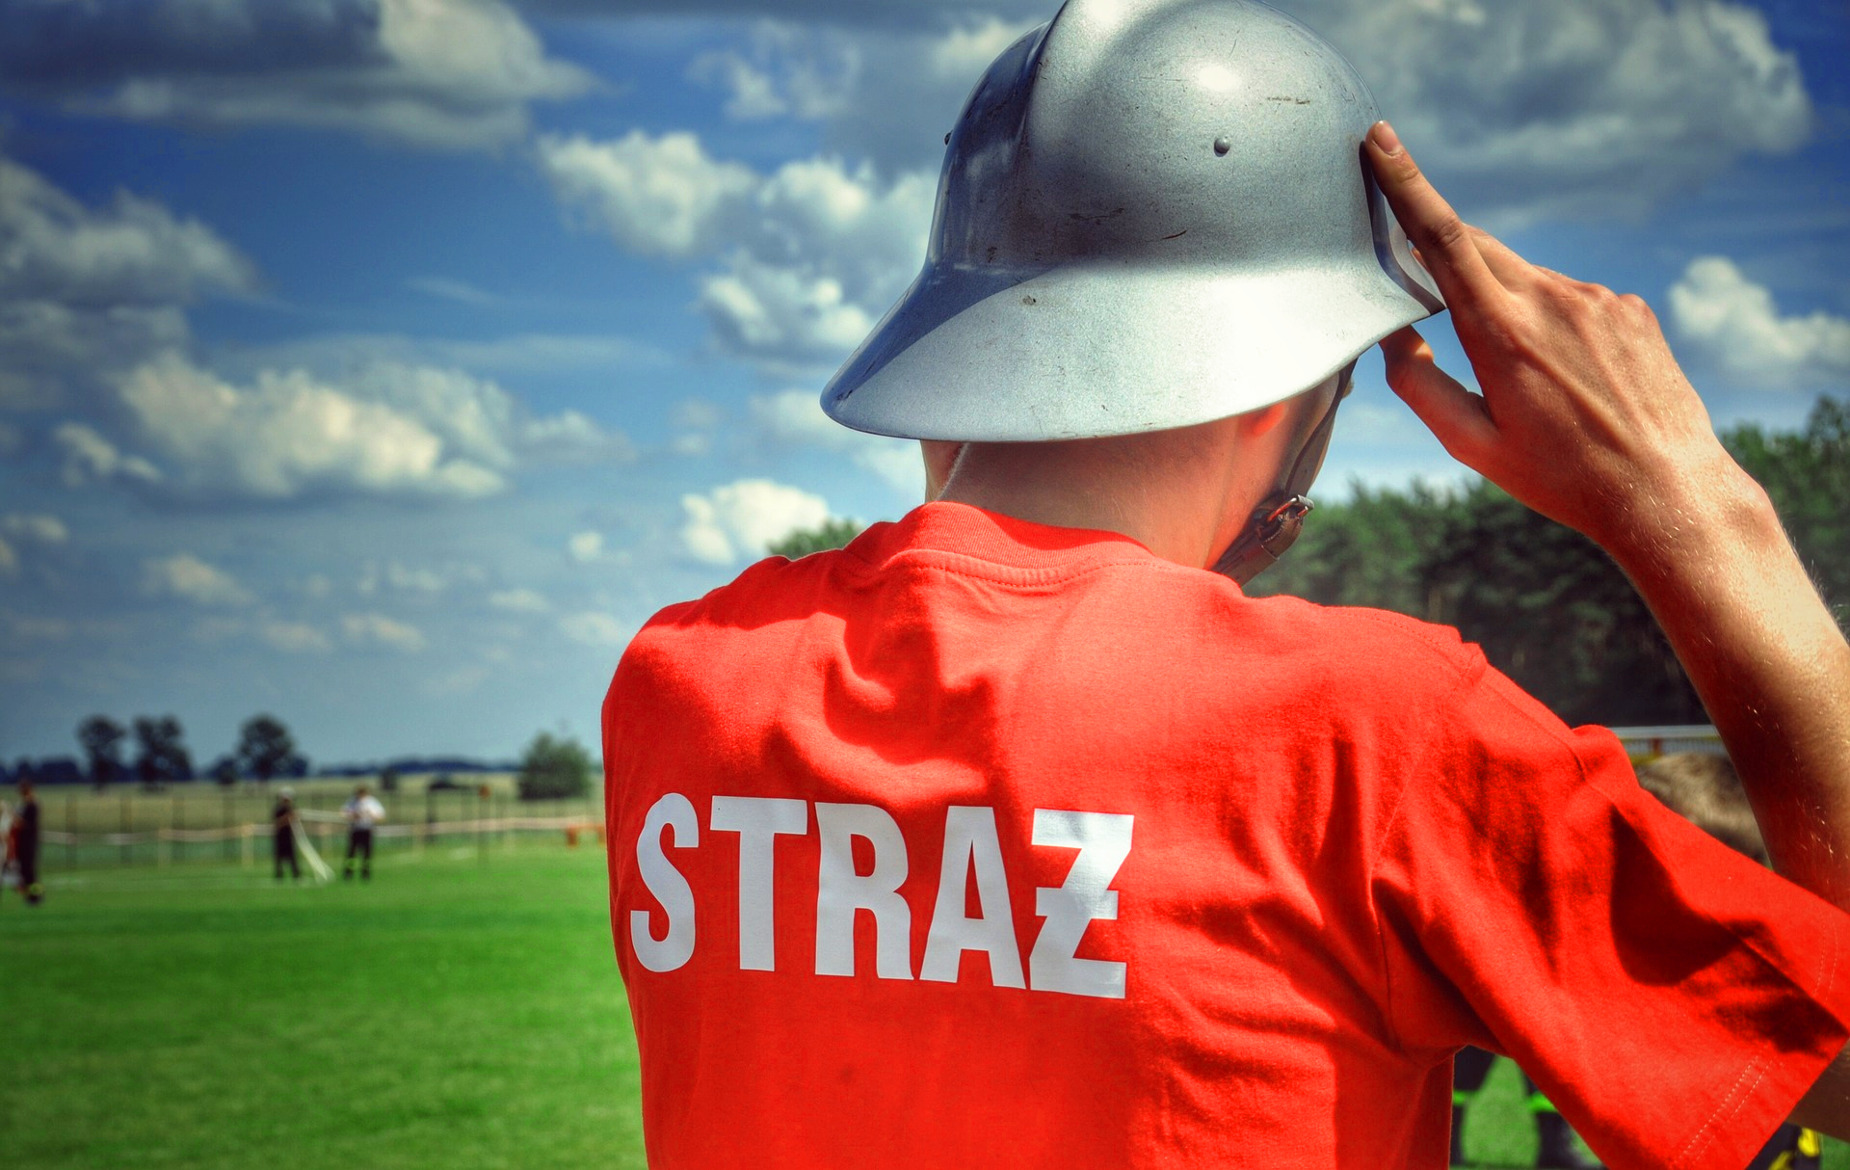 Strażacy ochotnicy z Pomorza nie czekajcie! Zgłoszenia kandydatów do Strażackich Oscarów tylko do końca lutego